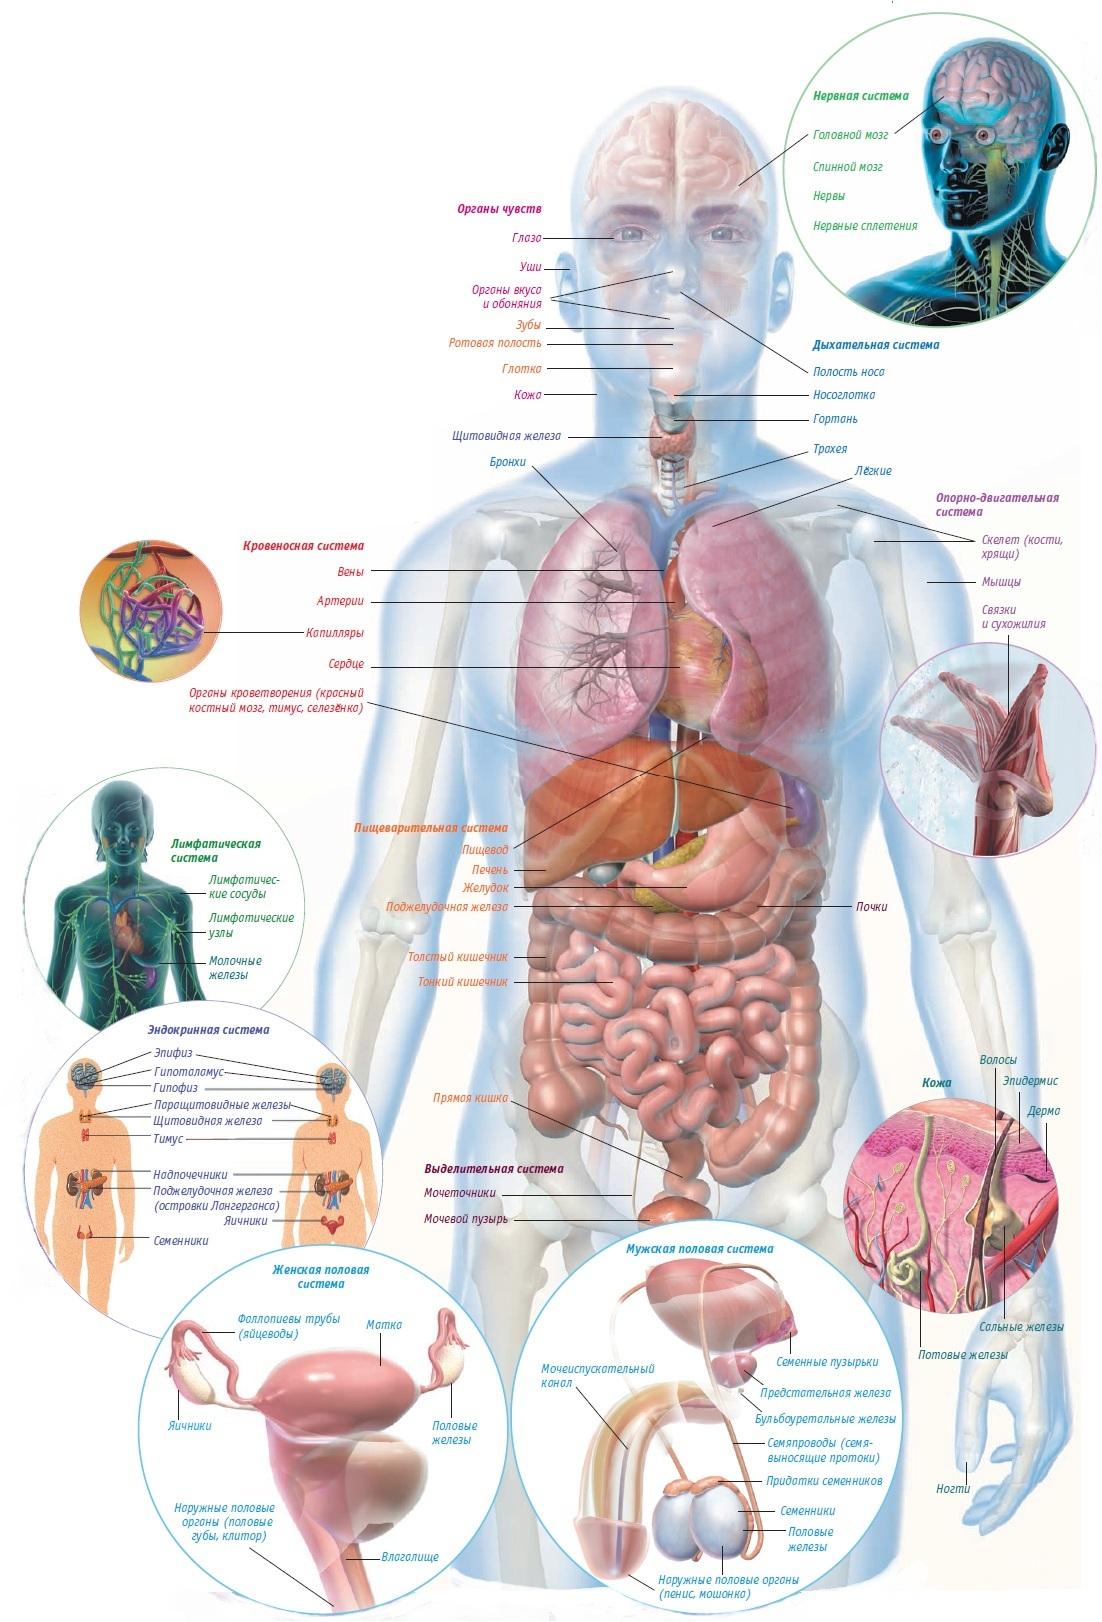 Welche Organe sind im Kofferraum? Wie sind Organe lokalisiert?